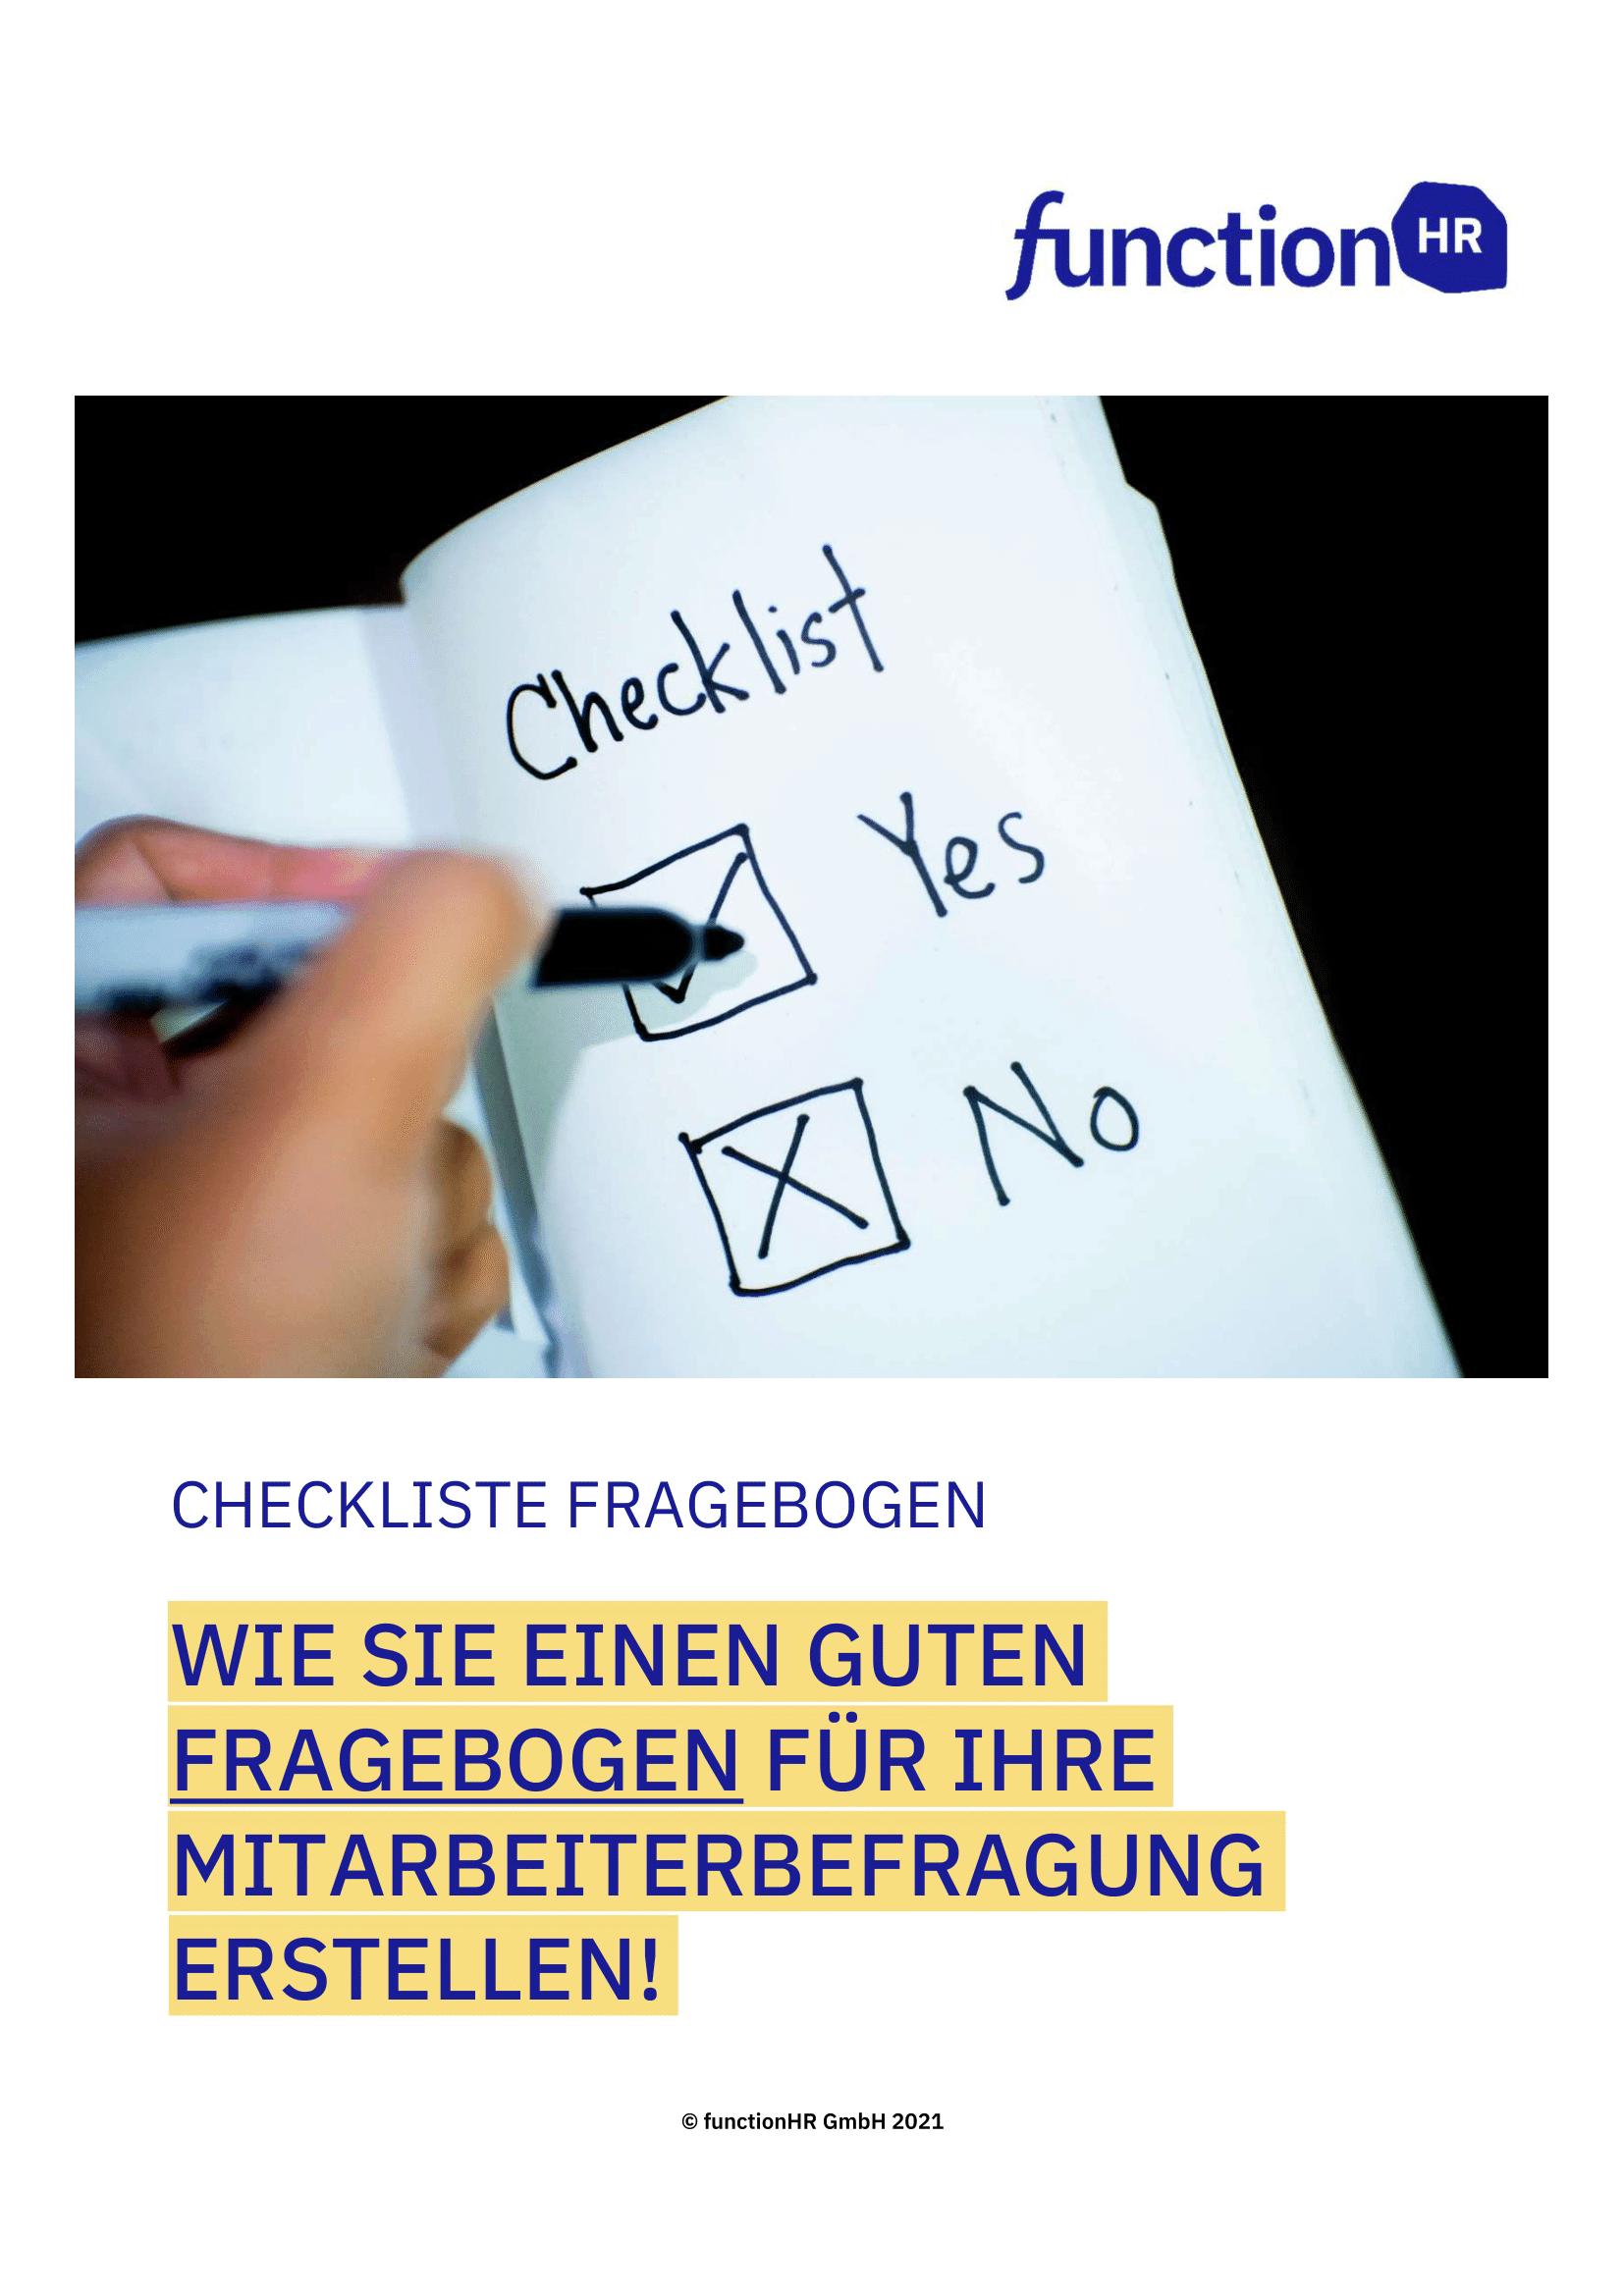 Checkliste Fragebogen Mitarbeiterbefragung